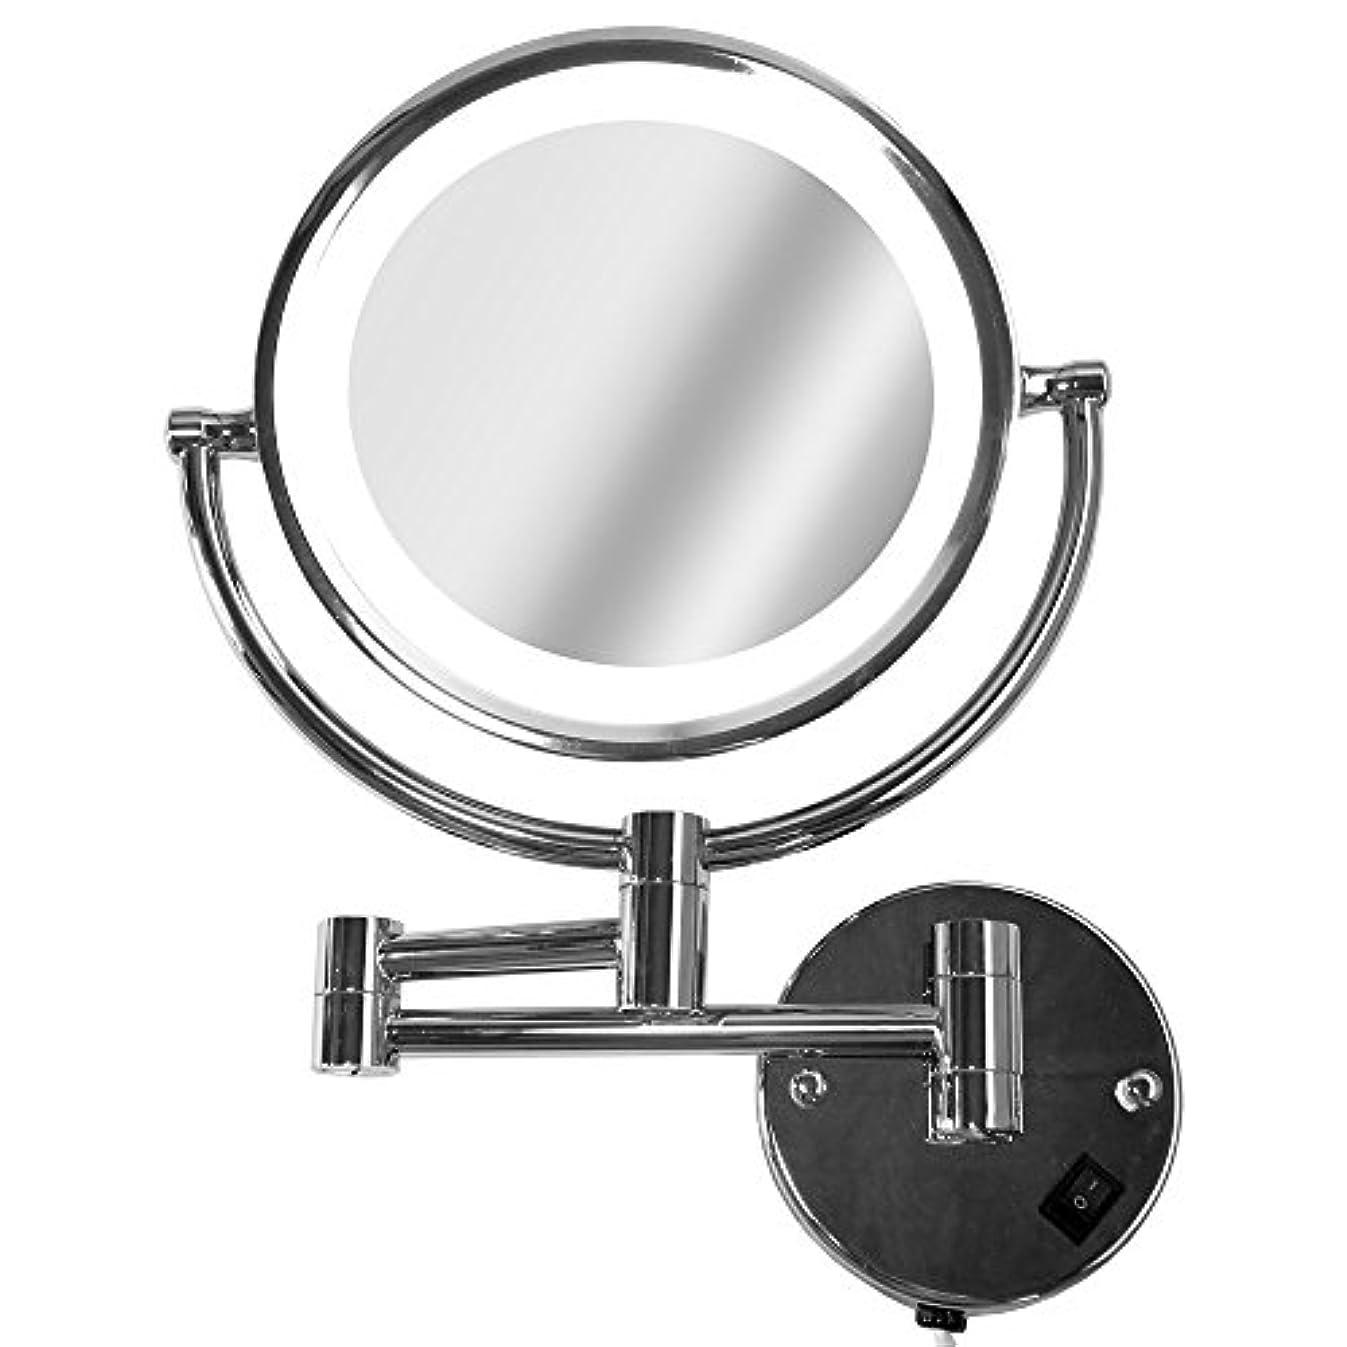 遅い一次被るLa Curie アームミラー 壁付けミラー 拡大鏡 折りたたみホテルミラー LEDライト付 5倍 LaCurie014